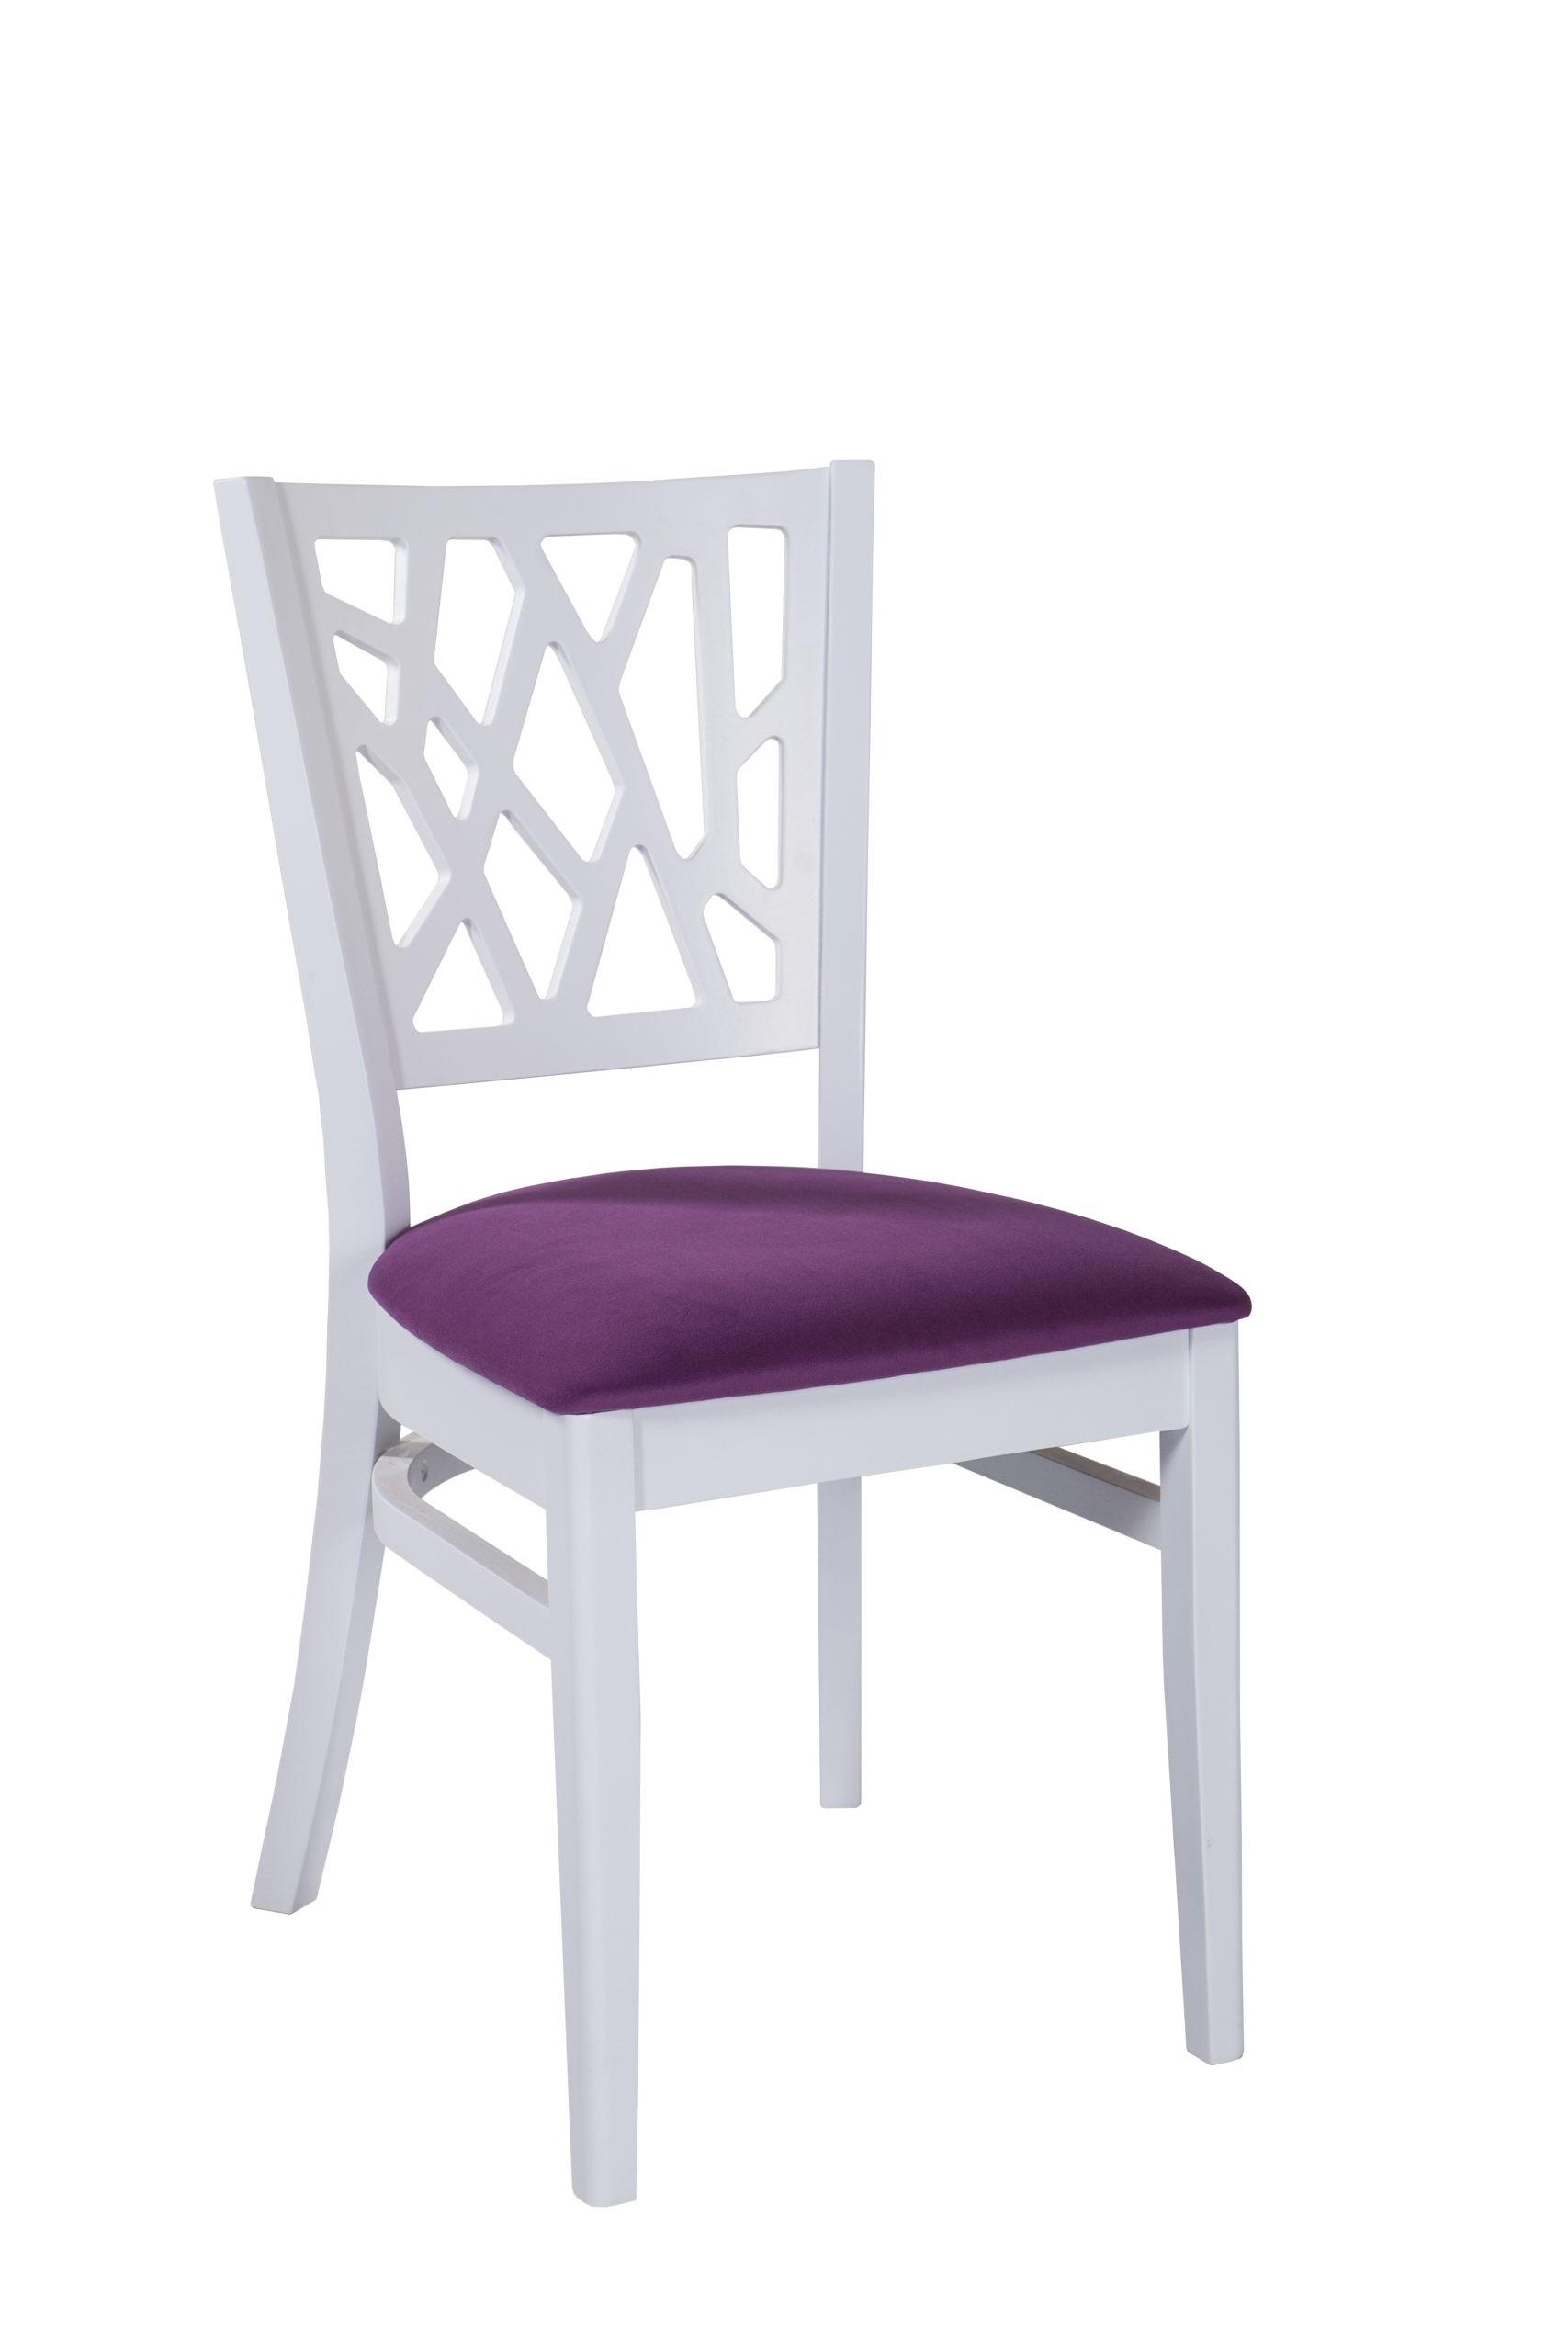 Nowoczesne krzesło z unikalnym wzorem na drewnianym oparciu siedzisko tapicerowane KT 40 1